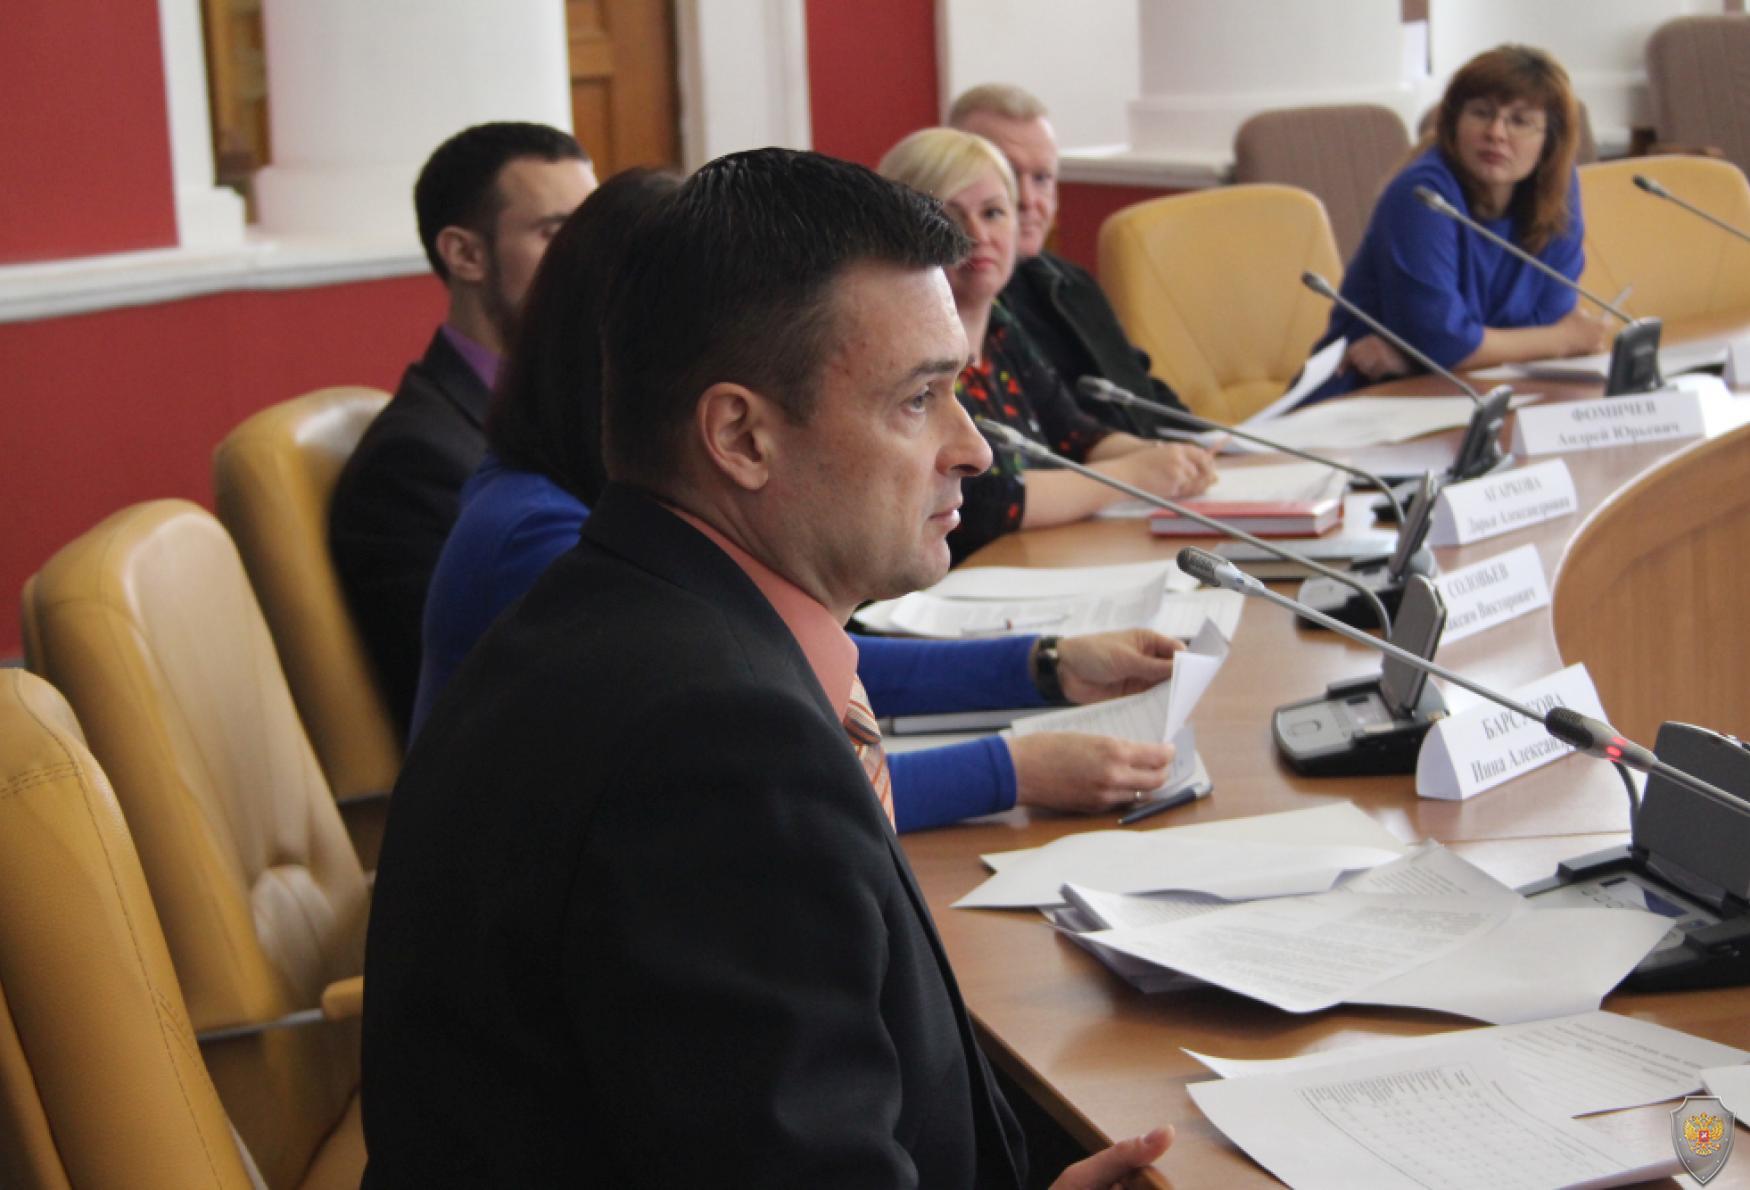 Заместитель председателя Экспертного совета, руководитель аппарата АТК в Орловской области А. М. Кабин